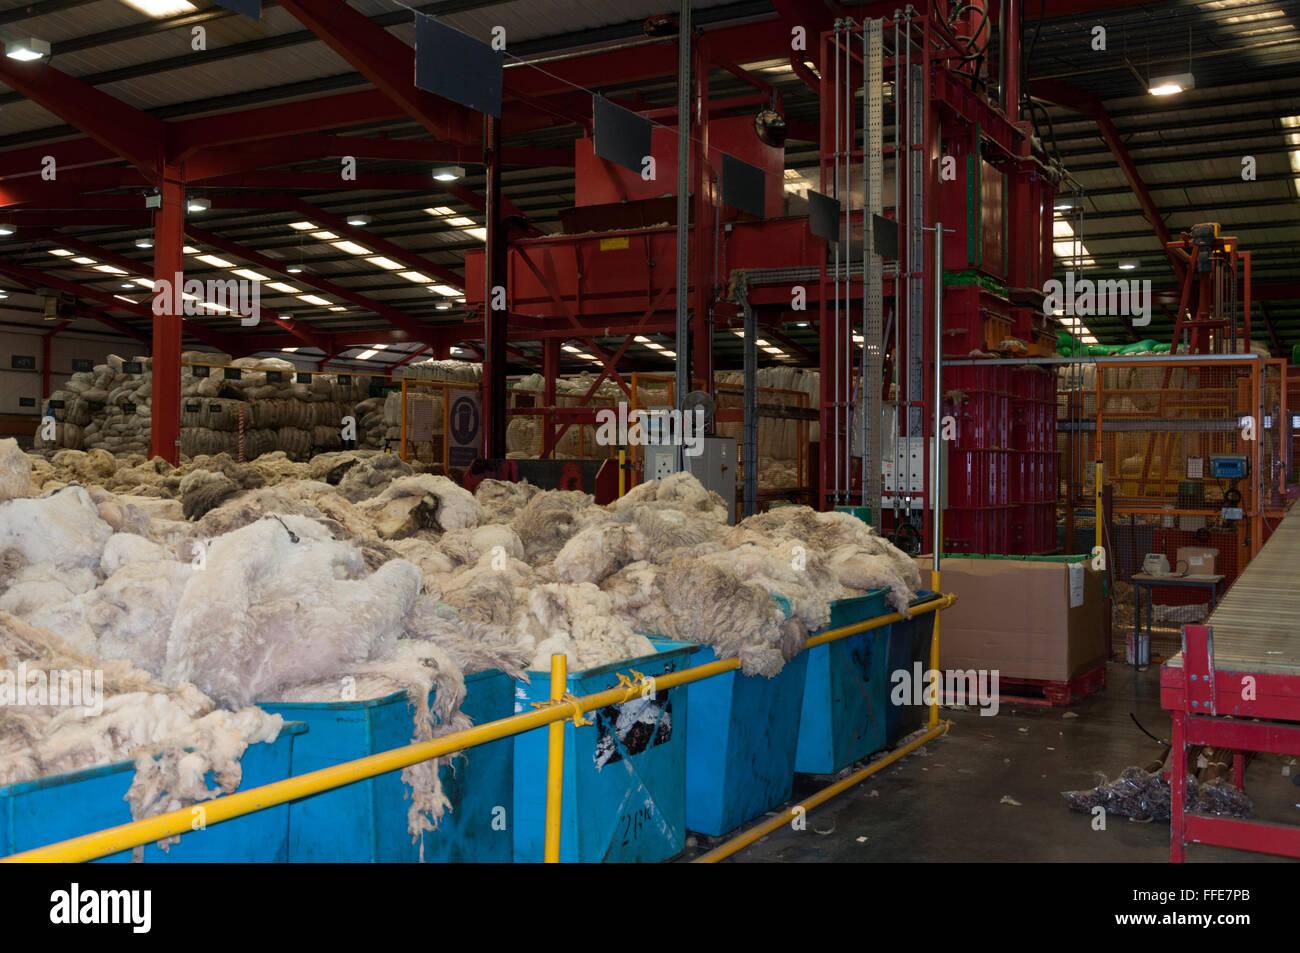 Sorted wool waiting to get baled at British Wool in Bradford UK - Stock Image